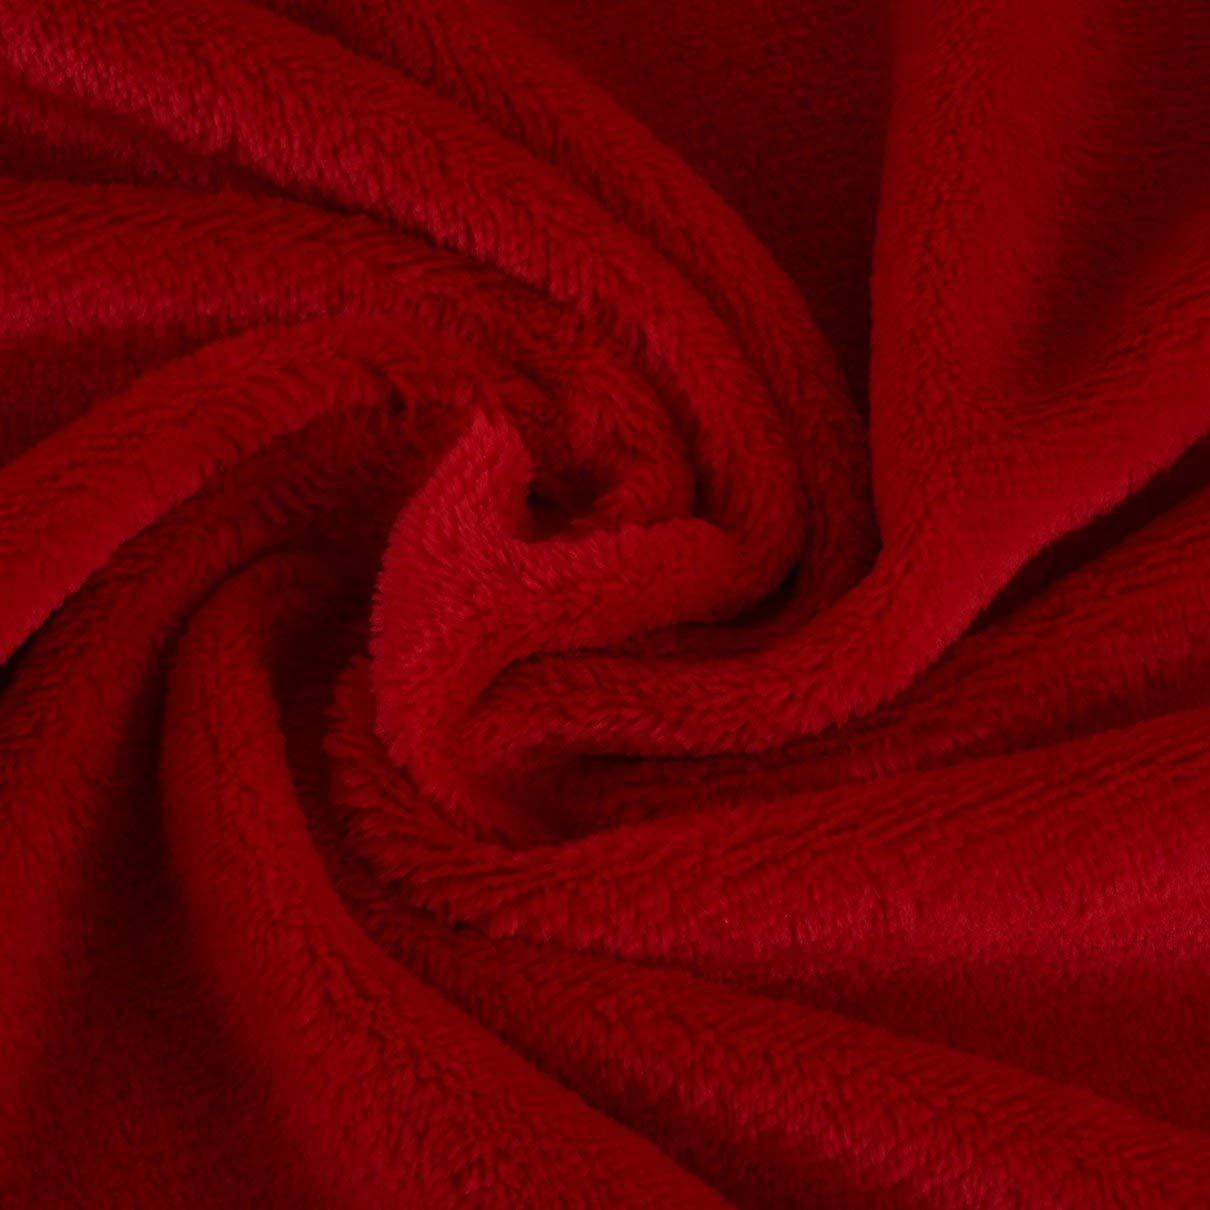 70x100CM Coperta di Flanella Super Morbida da Tenere in Caldo Tinta Unita per divani in Tinta Unita Biancheria da Letto per Ufficio Coperta per Auto Tessili per la casa Nero Togames